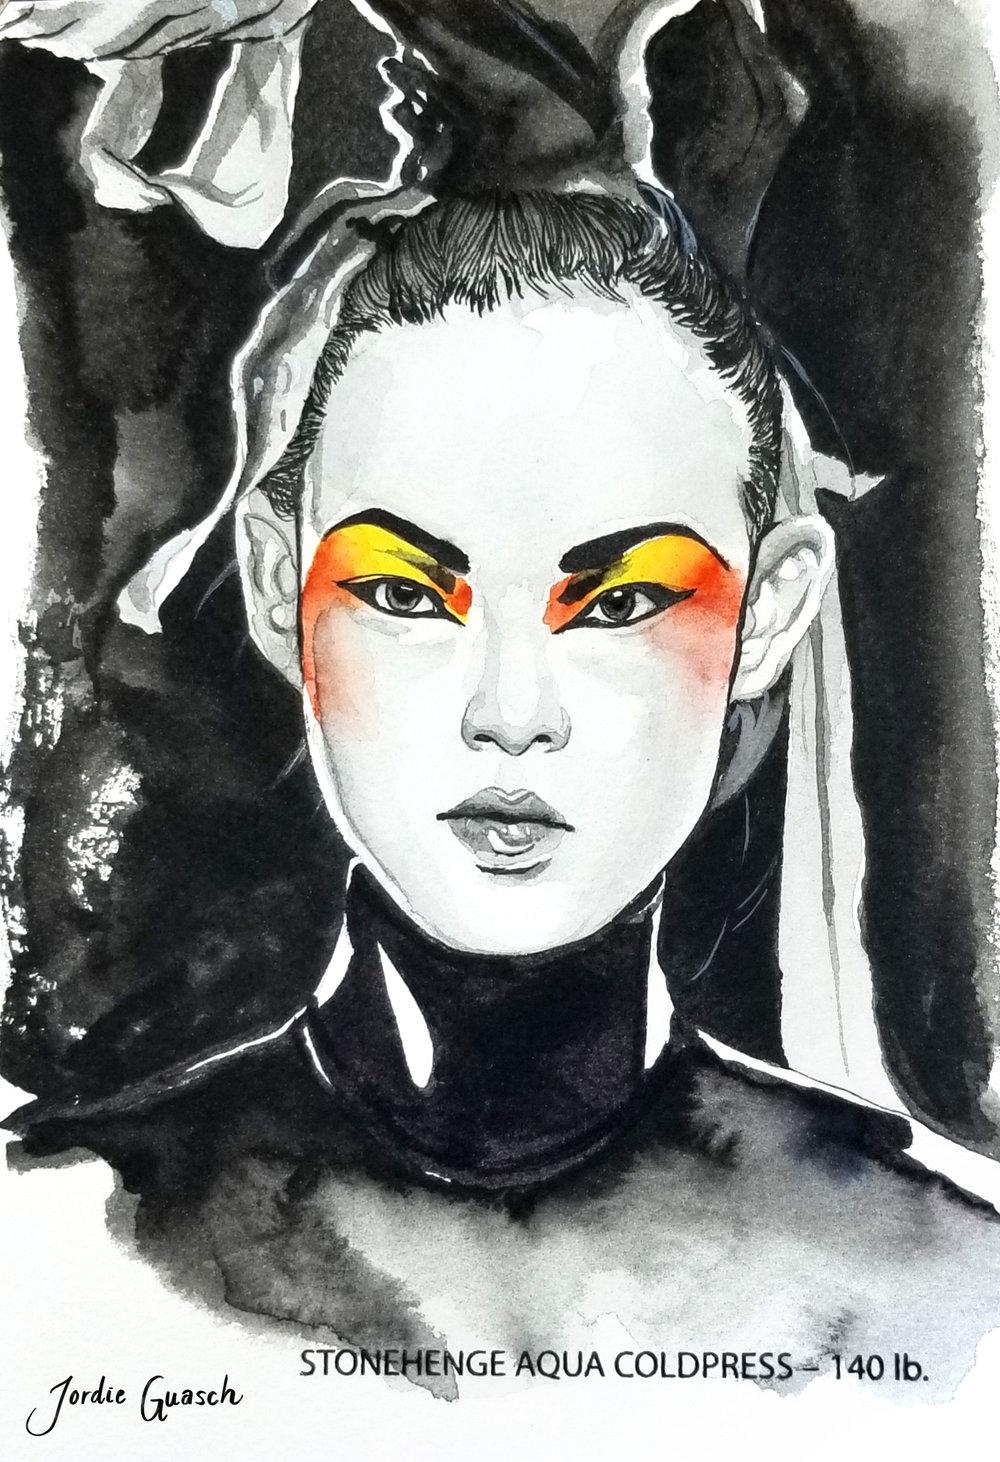 5. Gareth Pugh, Watercolors